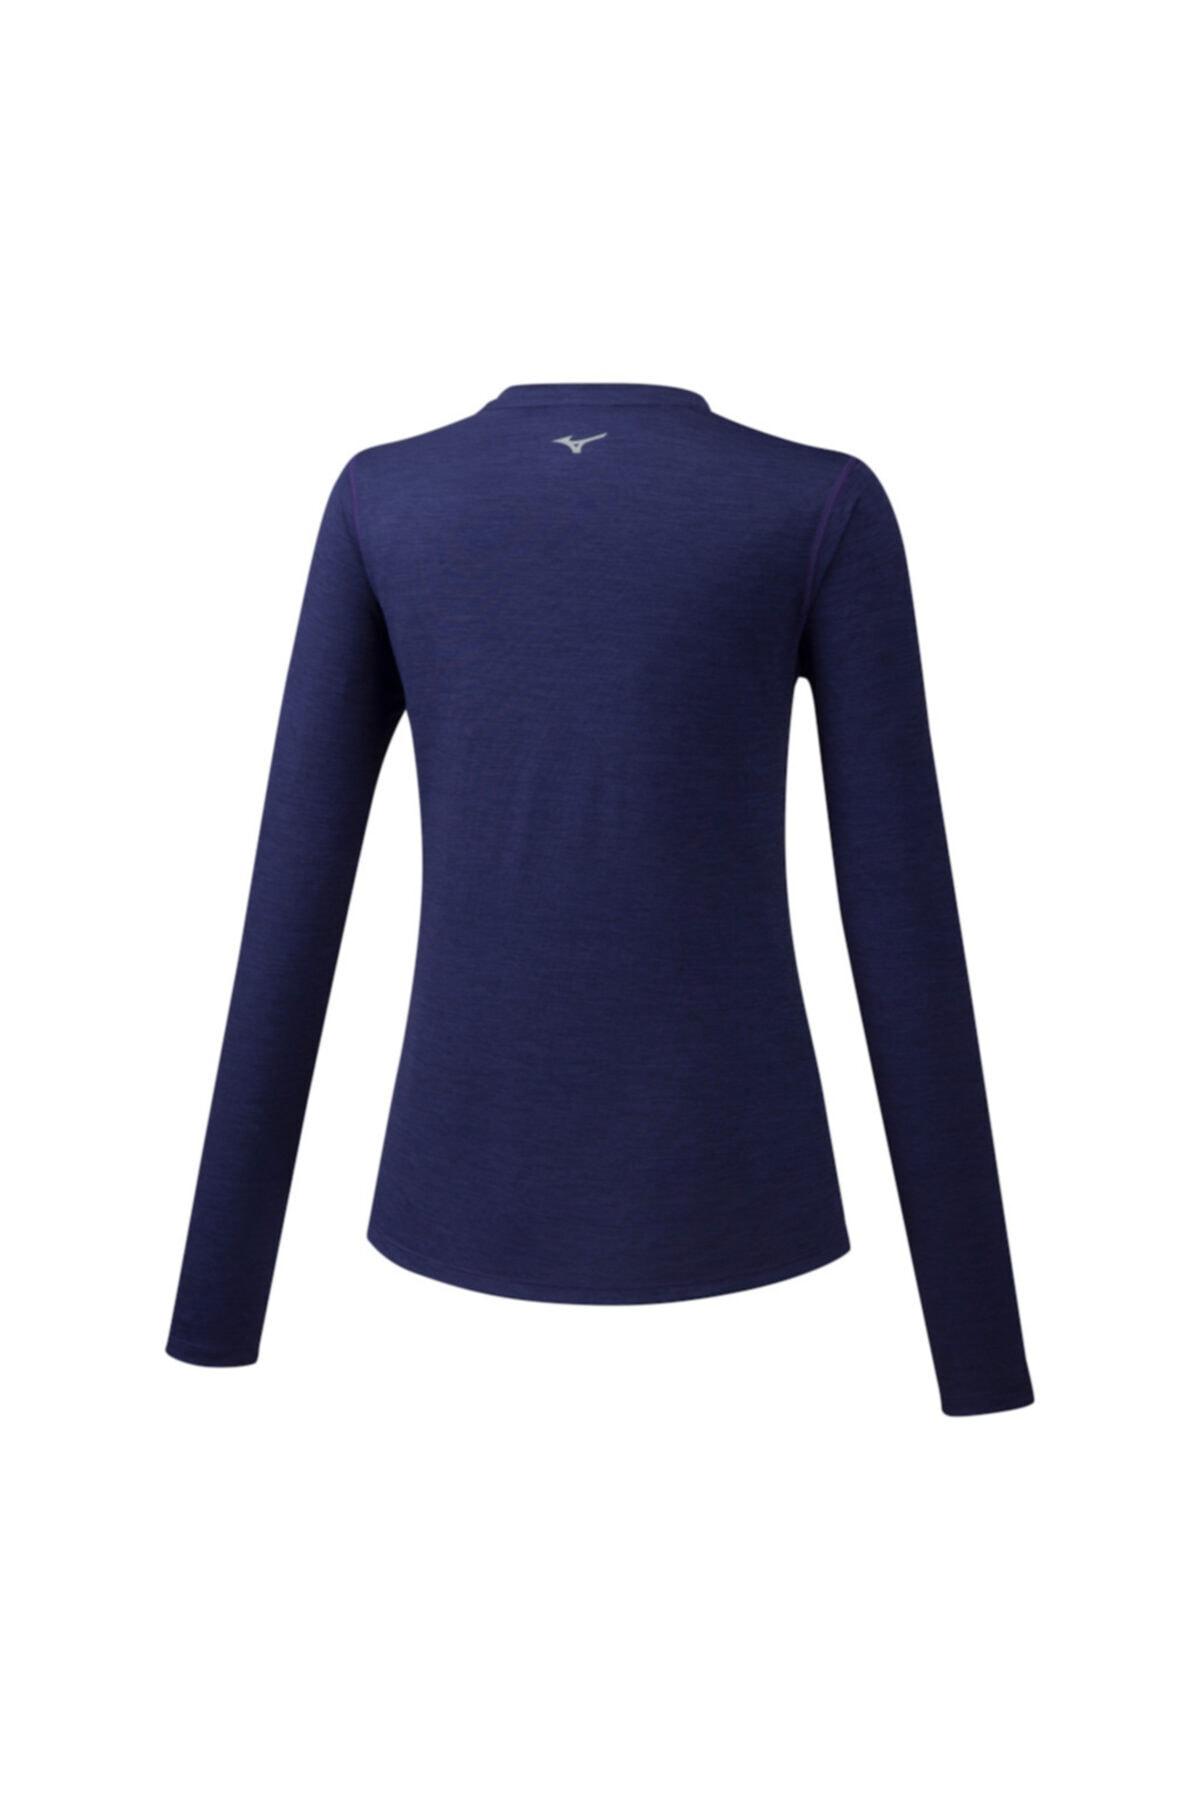 MIZUNO Impulse Core Ls Tee Kadın T-shirt Lacivert 2